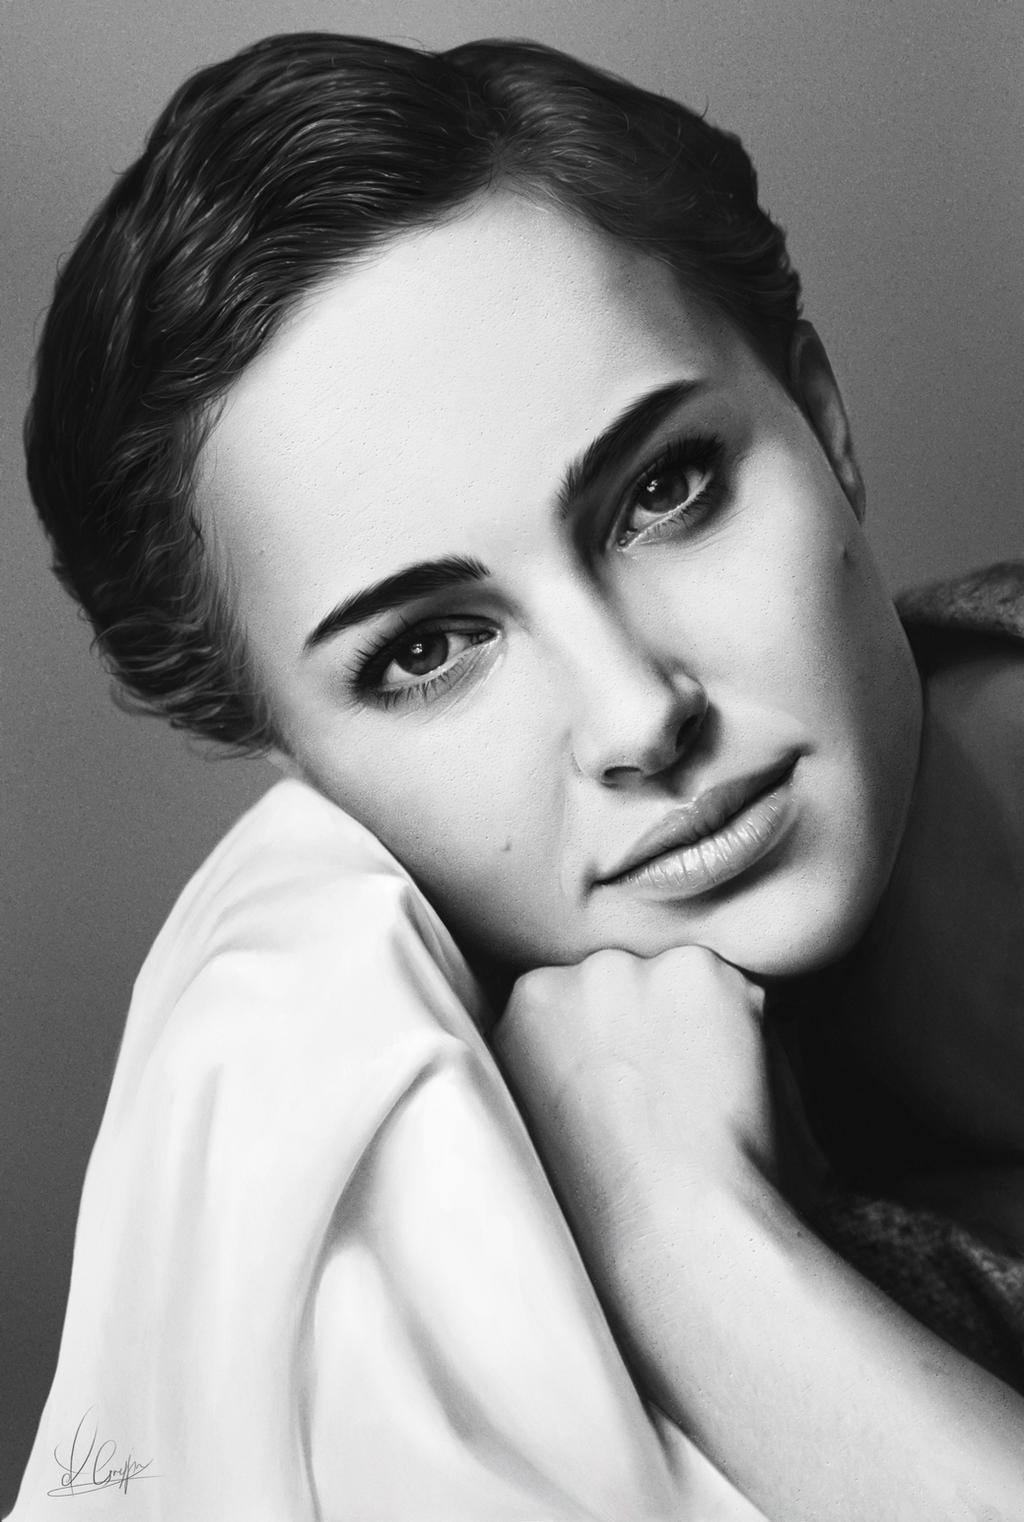 Natalie Portman by AaronGriffinArt